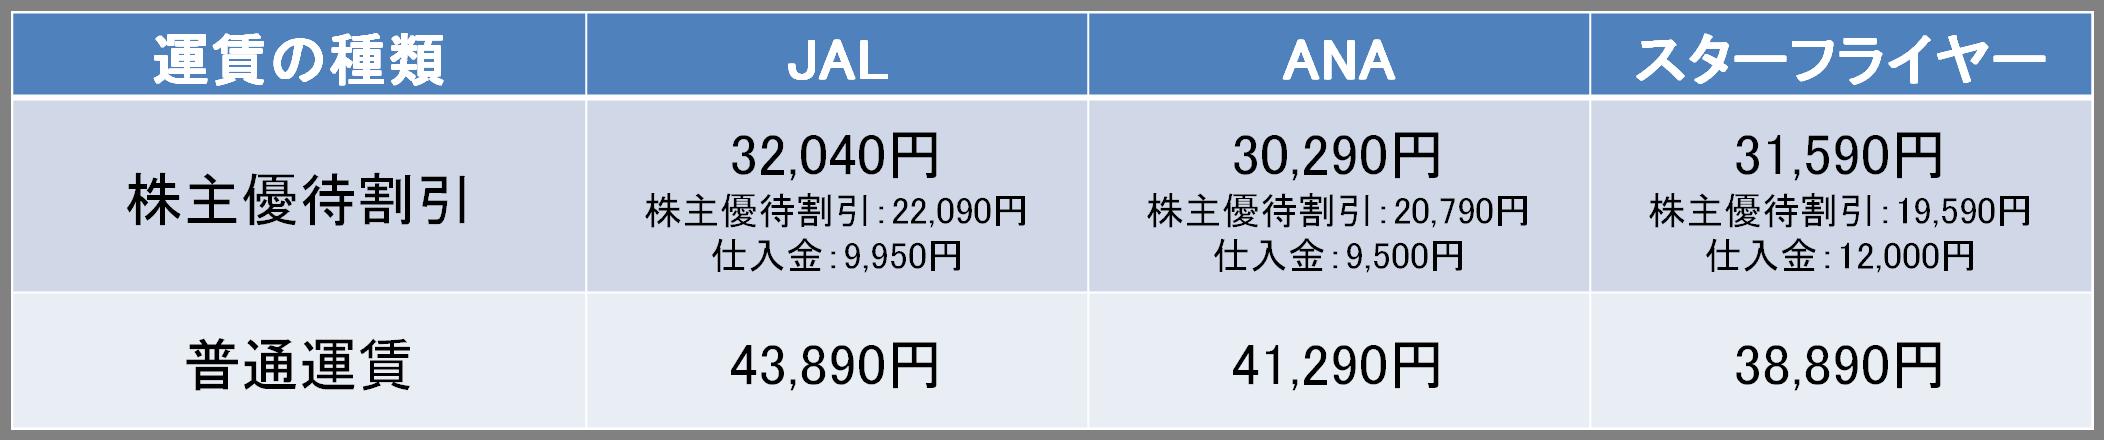 羽田-福岡間の株主優待と普通運賃の料金比較